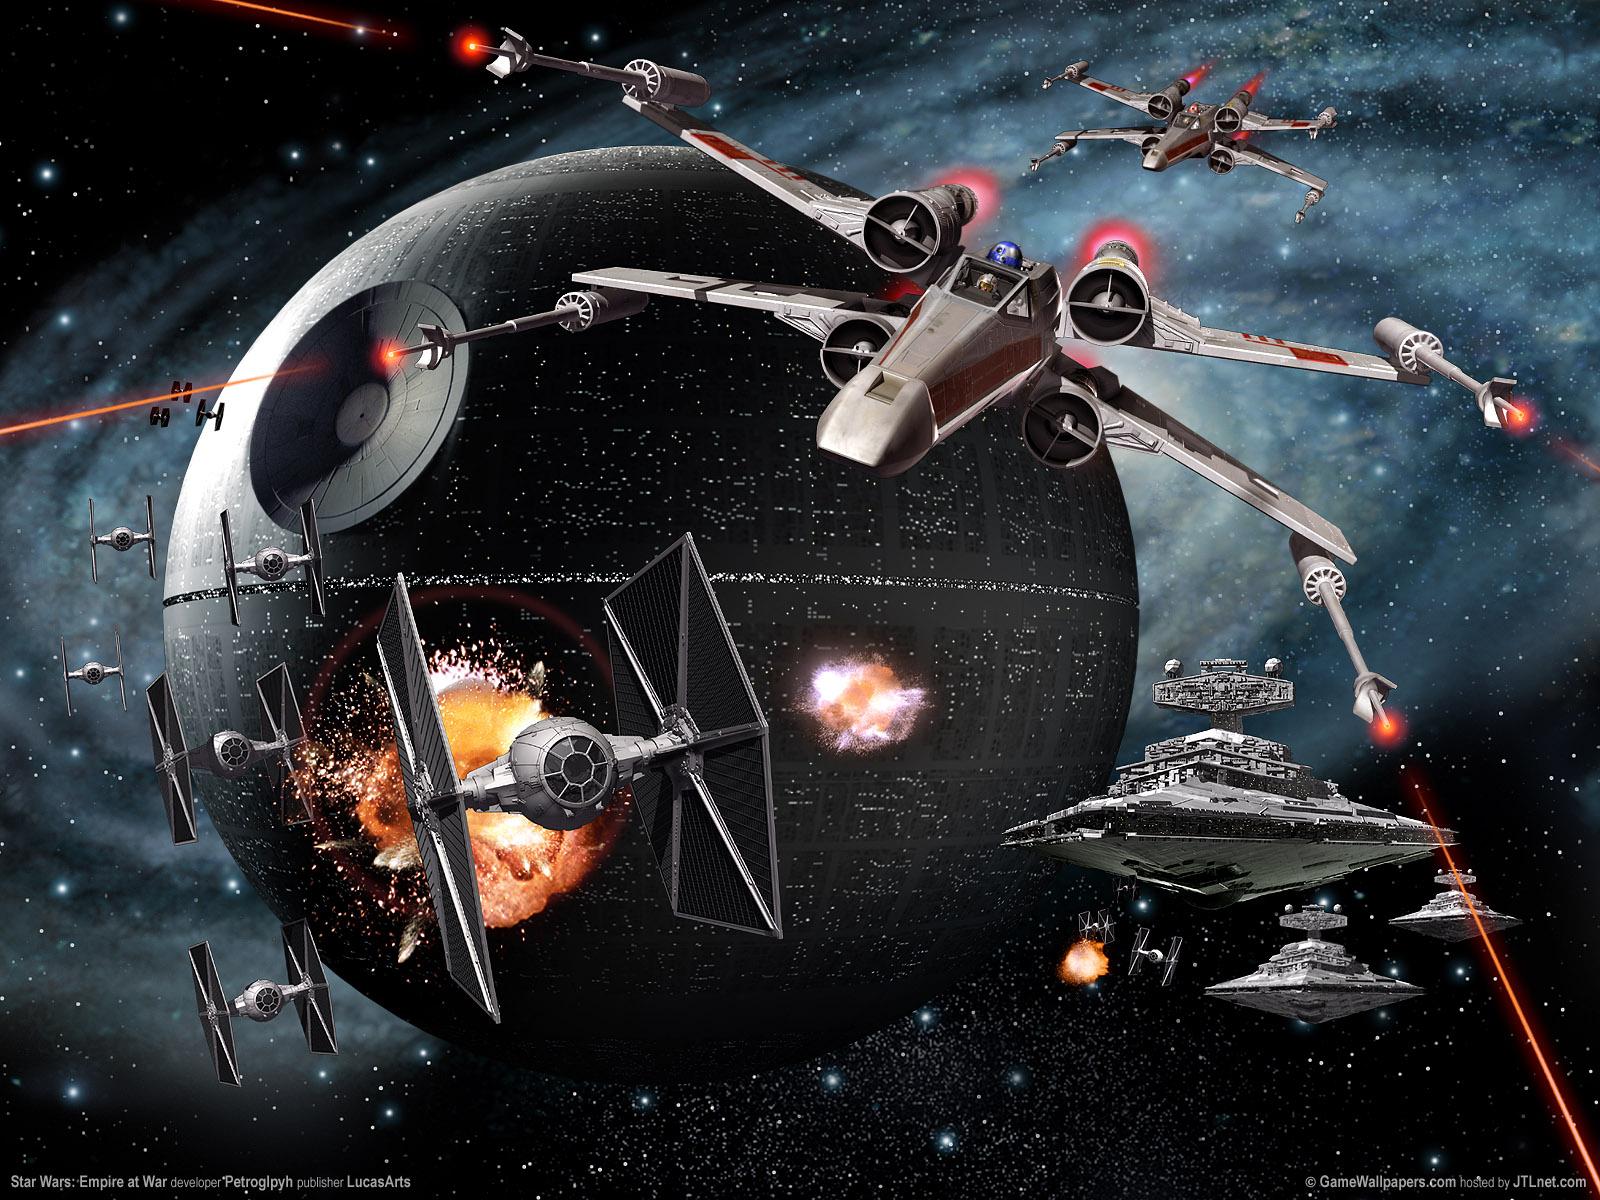 Free Star Wars wallpaper | 1600x1200 | #8176